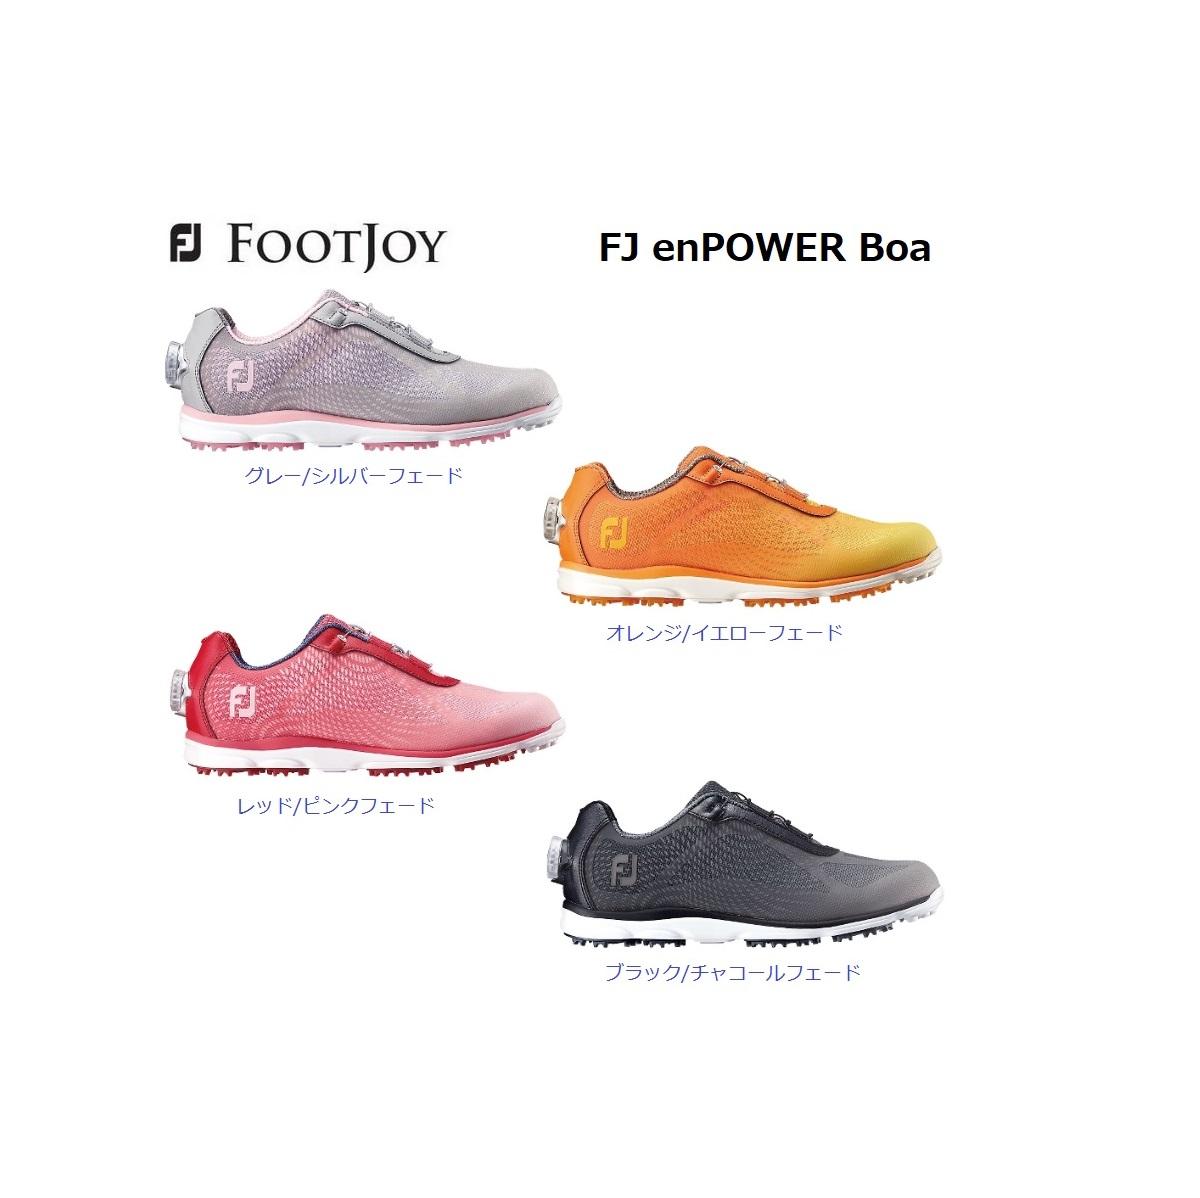 レディース フットジョイ ゴルフシューズ エンパワー ボア スパイクレス FOOTJOY emPOWER Boa 日本正規品 (98006)(98008)(98009)(98010)